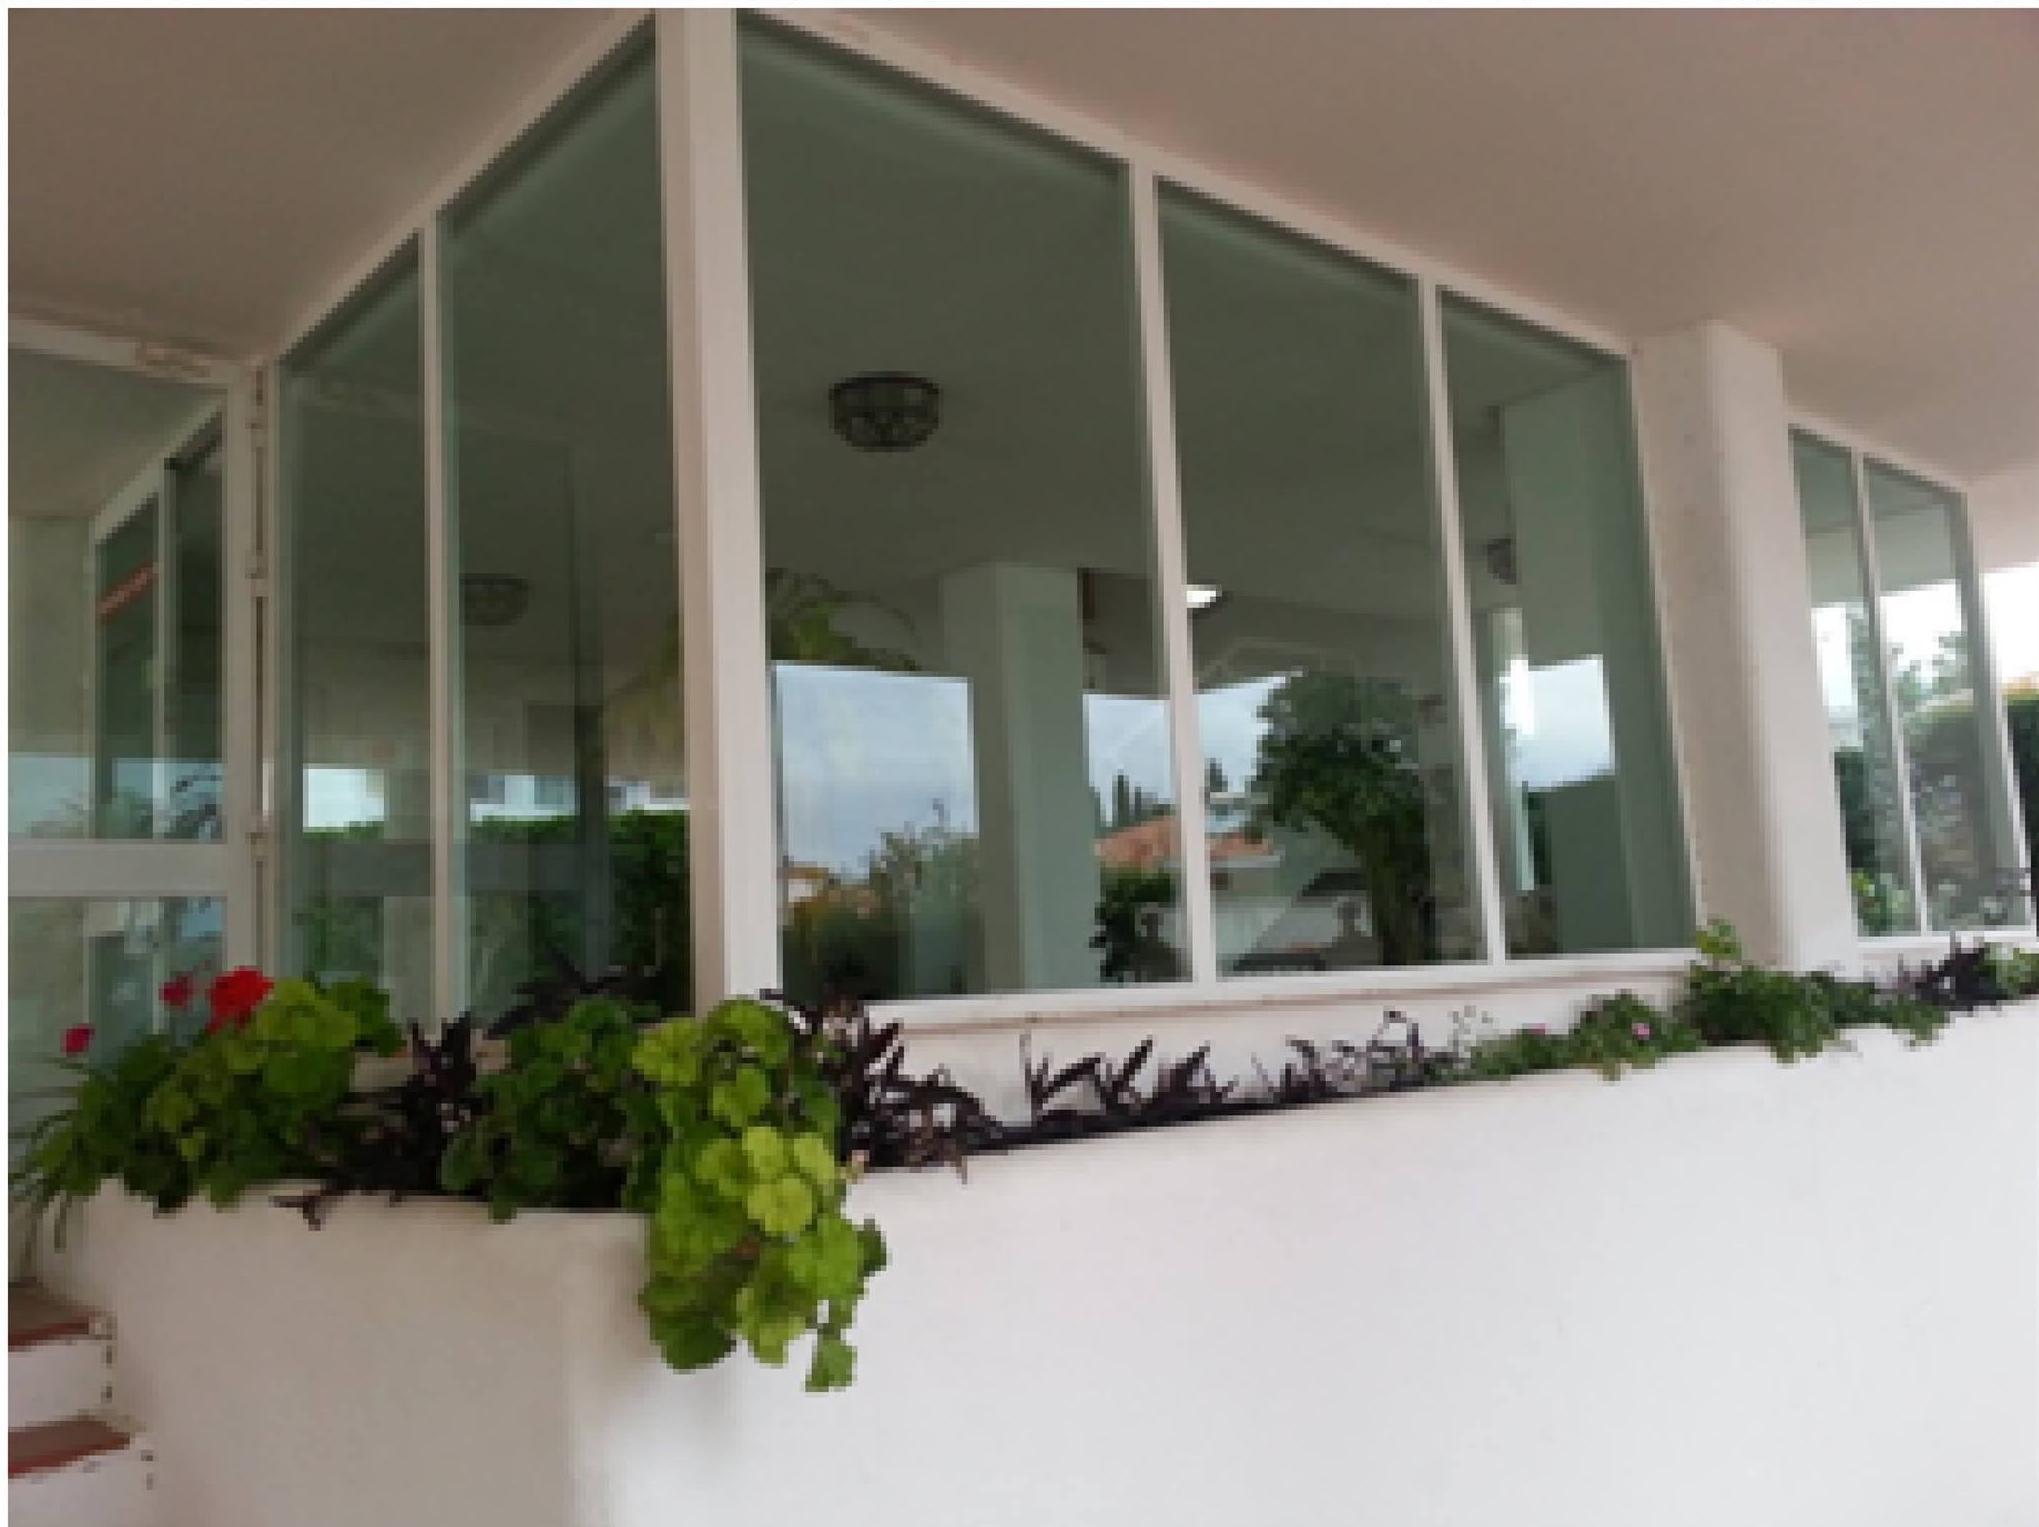 Limpieza de cristales en ventanales